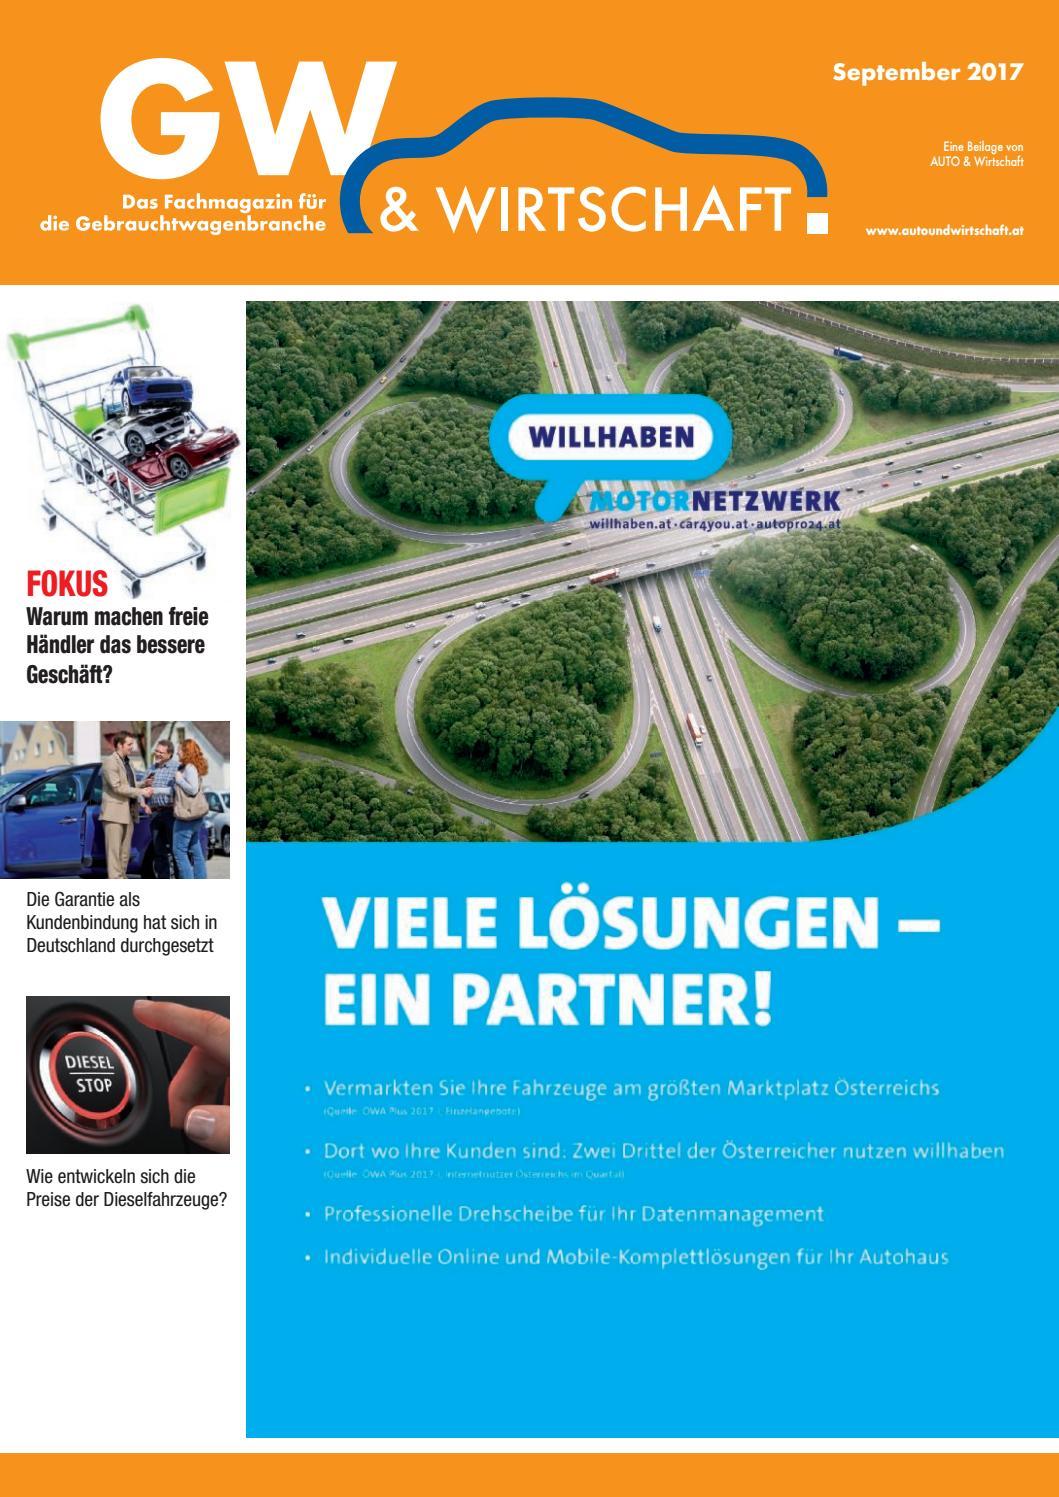 Gw Wirtschaft 092017 By Aw Verlag Gmbh Issuu